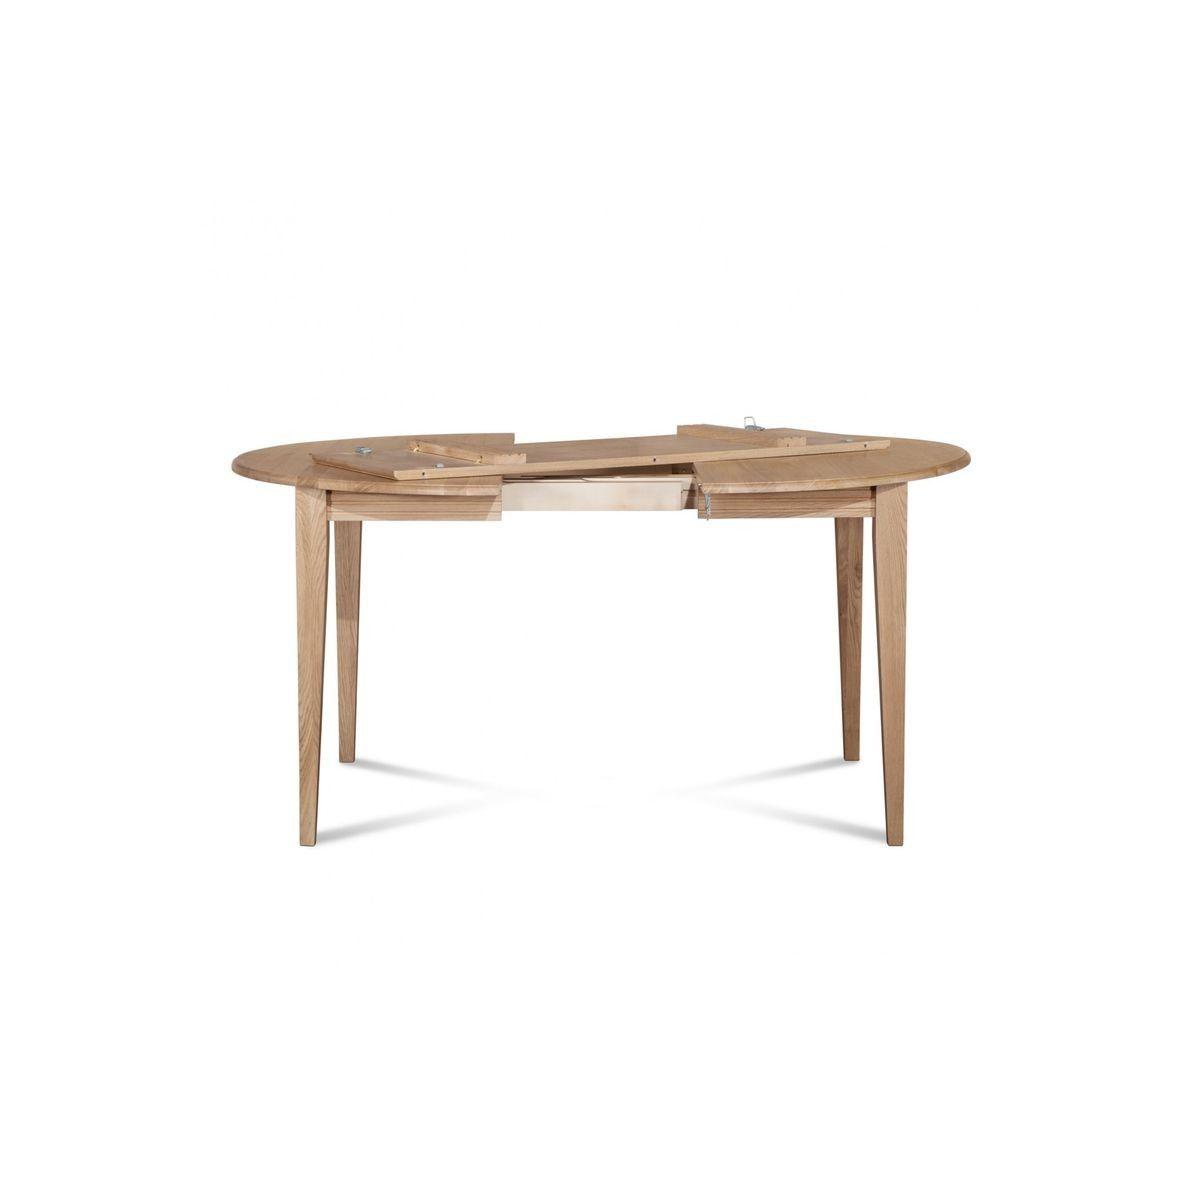 Cm Table Bois À Extensible Pieds Fuseau Ronde 105 Rallonges WEBxeQrdCo